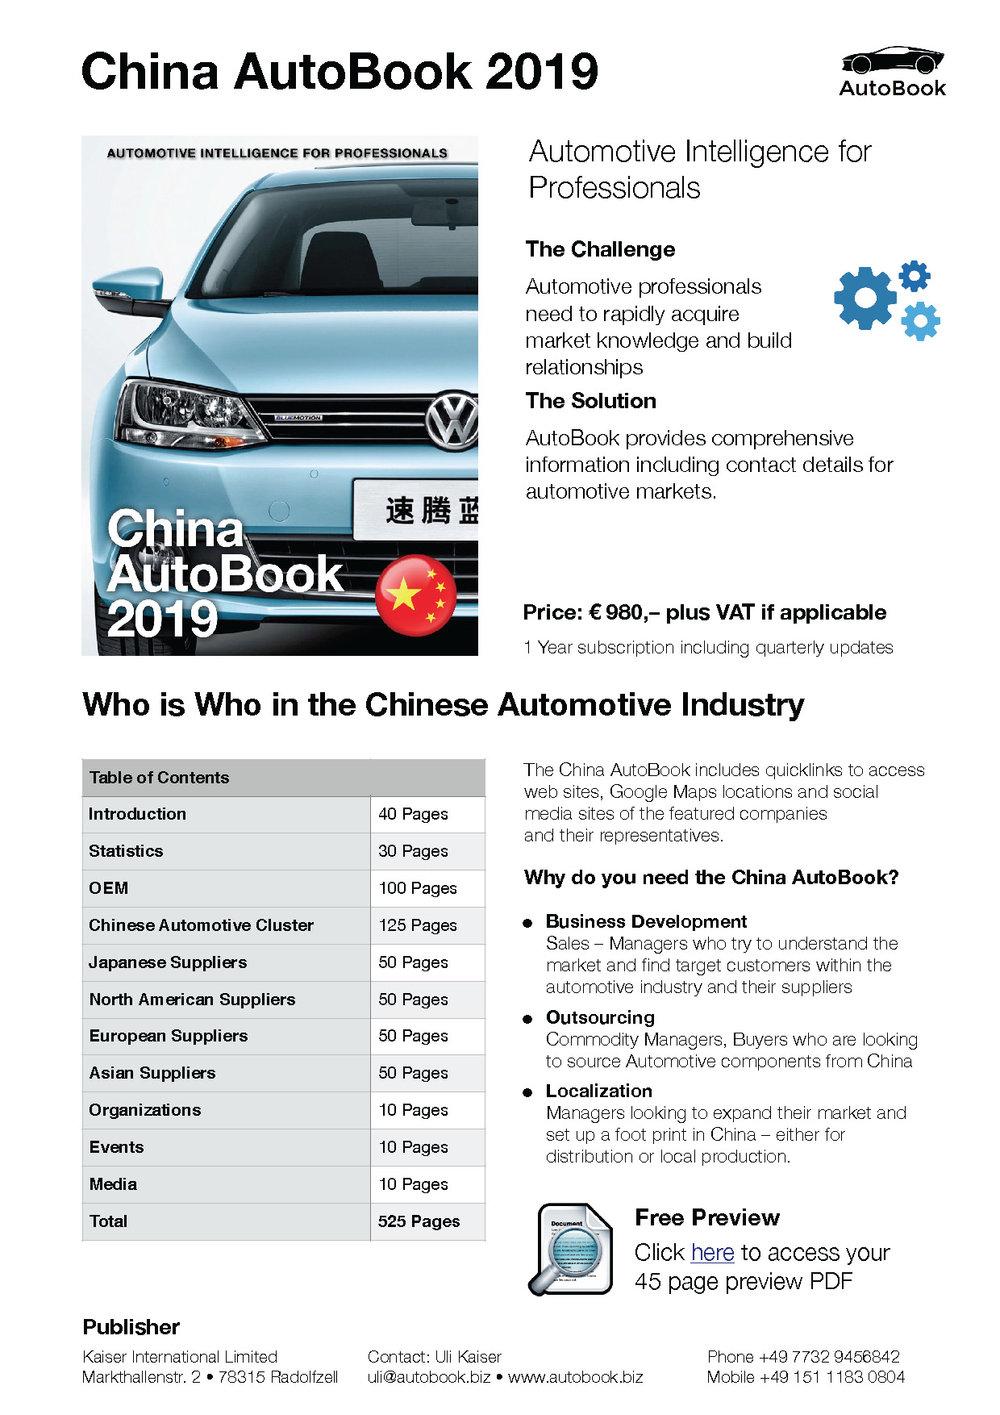 China AutoBook 2019 Datasheet.jpg